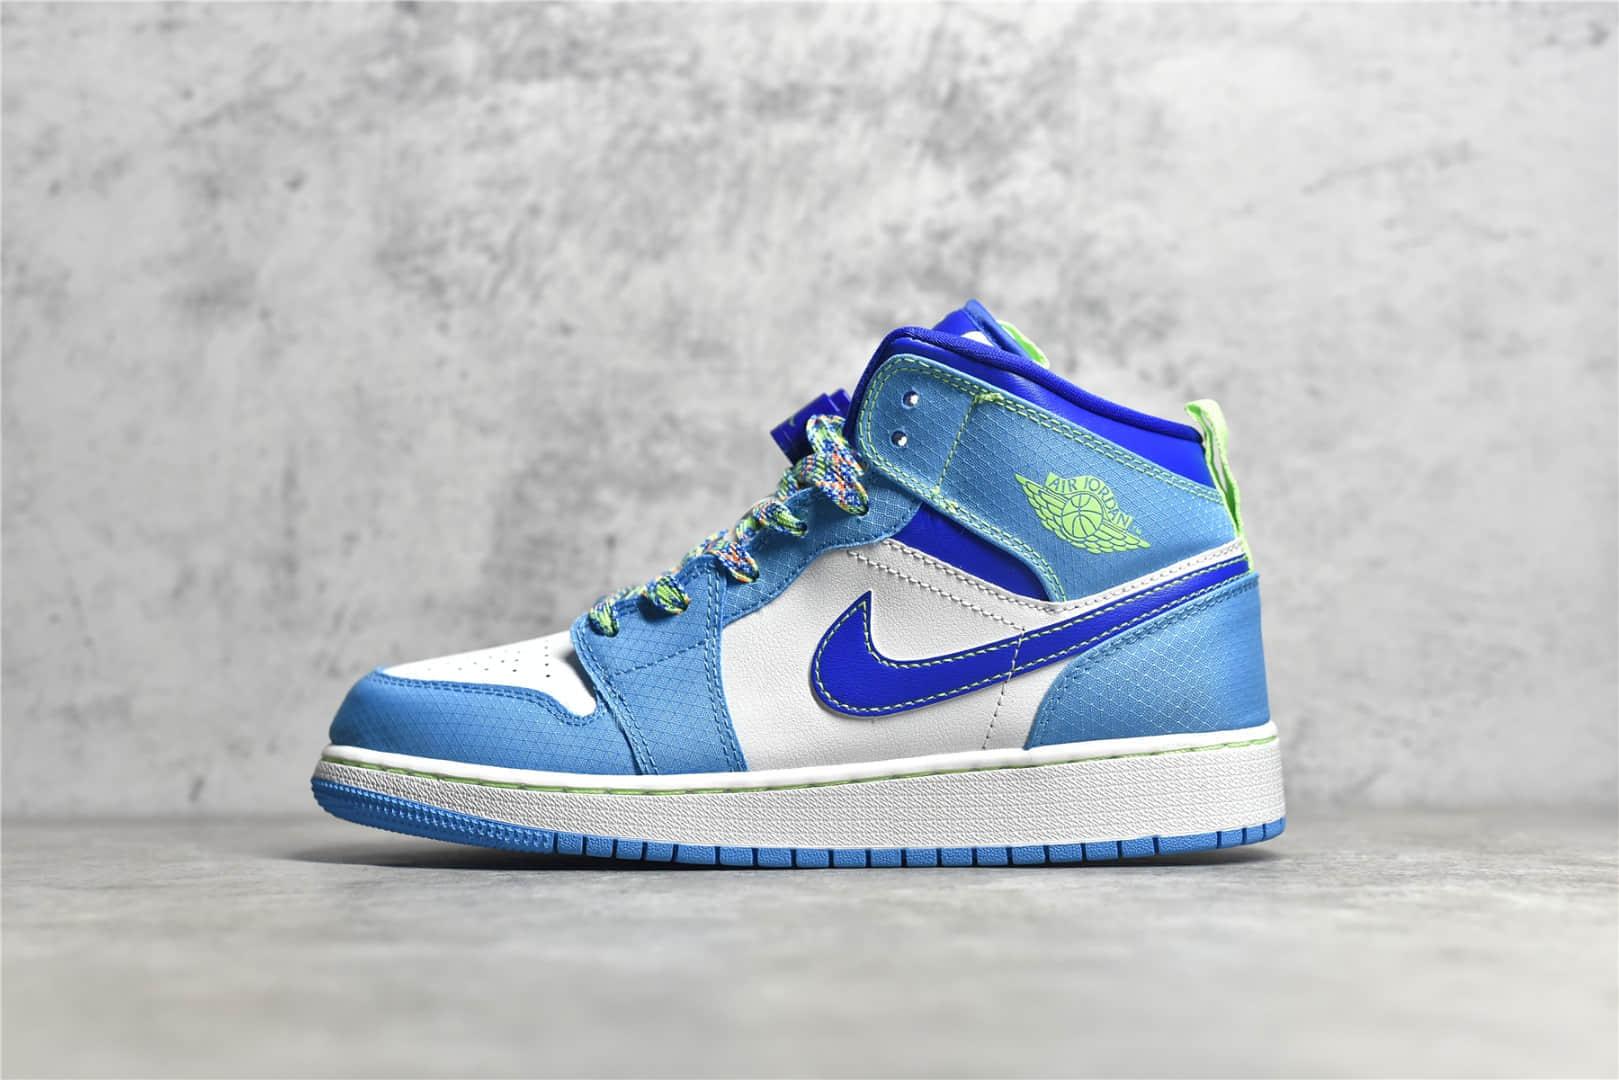 AJ1蓝绿中帮 AJ1皇家蓝中帮 Air Jordan 1 MiD GS 原鞋AJ1中帮公司级纯原级别 货号:DA8010-400-潮流者之家